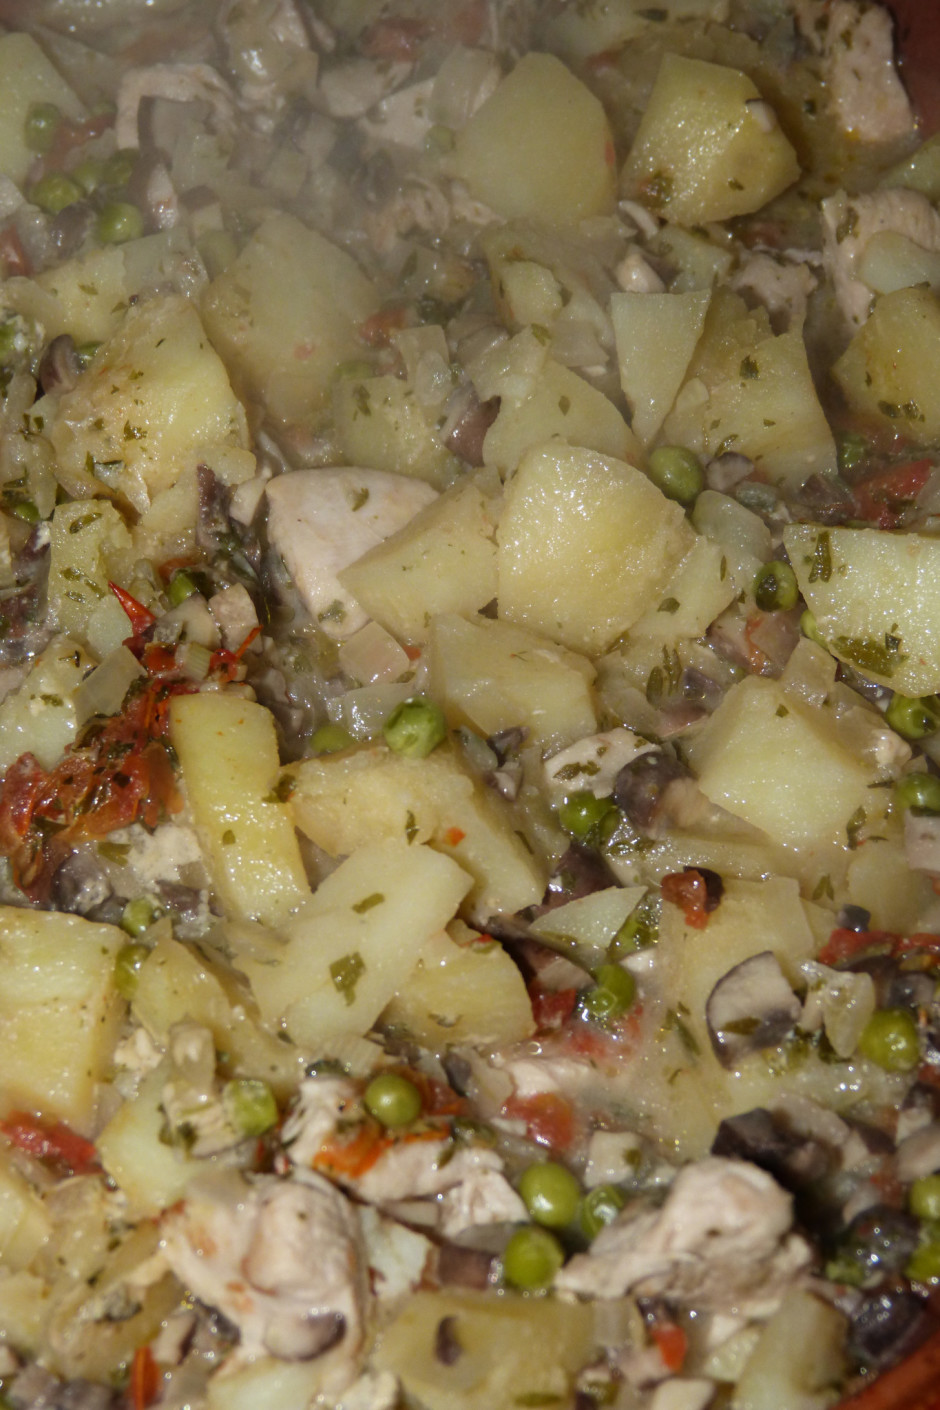 Traukam uzliek vāku un sautē cepeškrāsnī, kamēr kartupeļi pu...